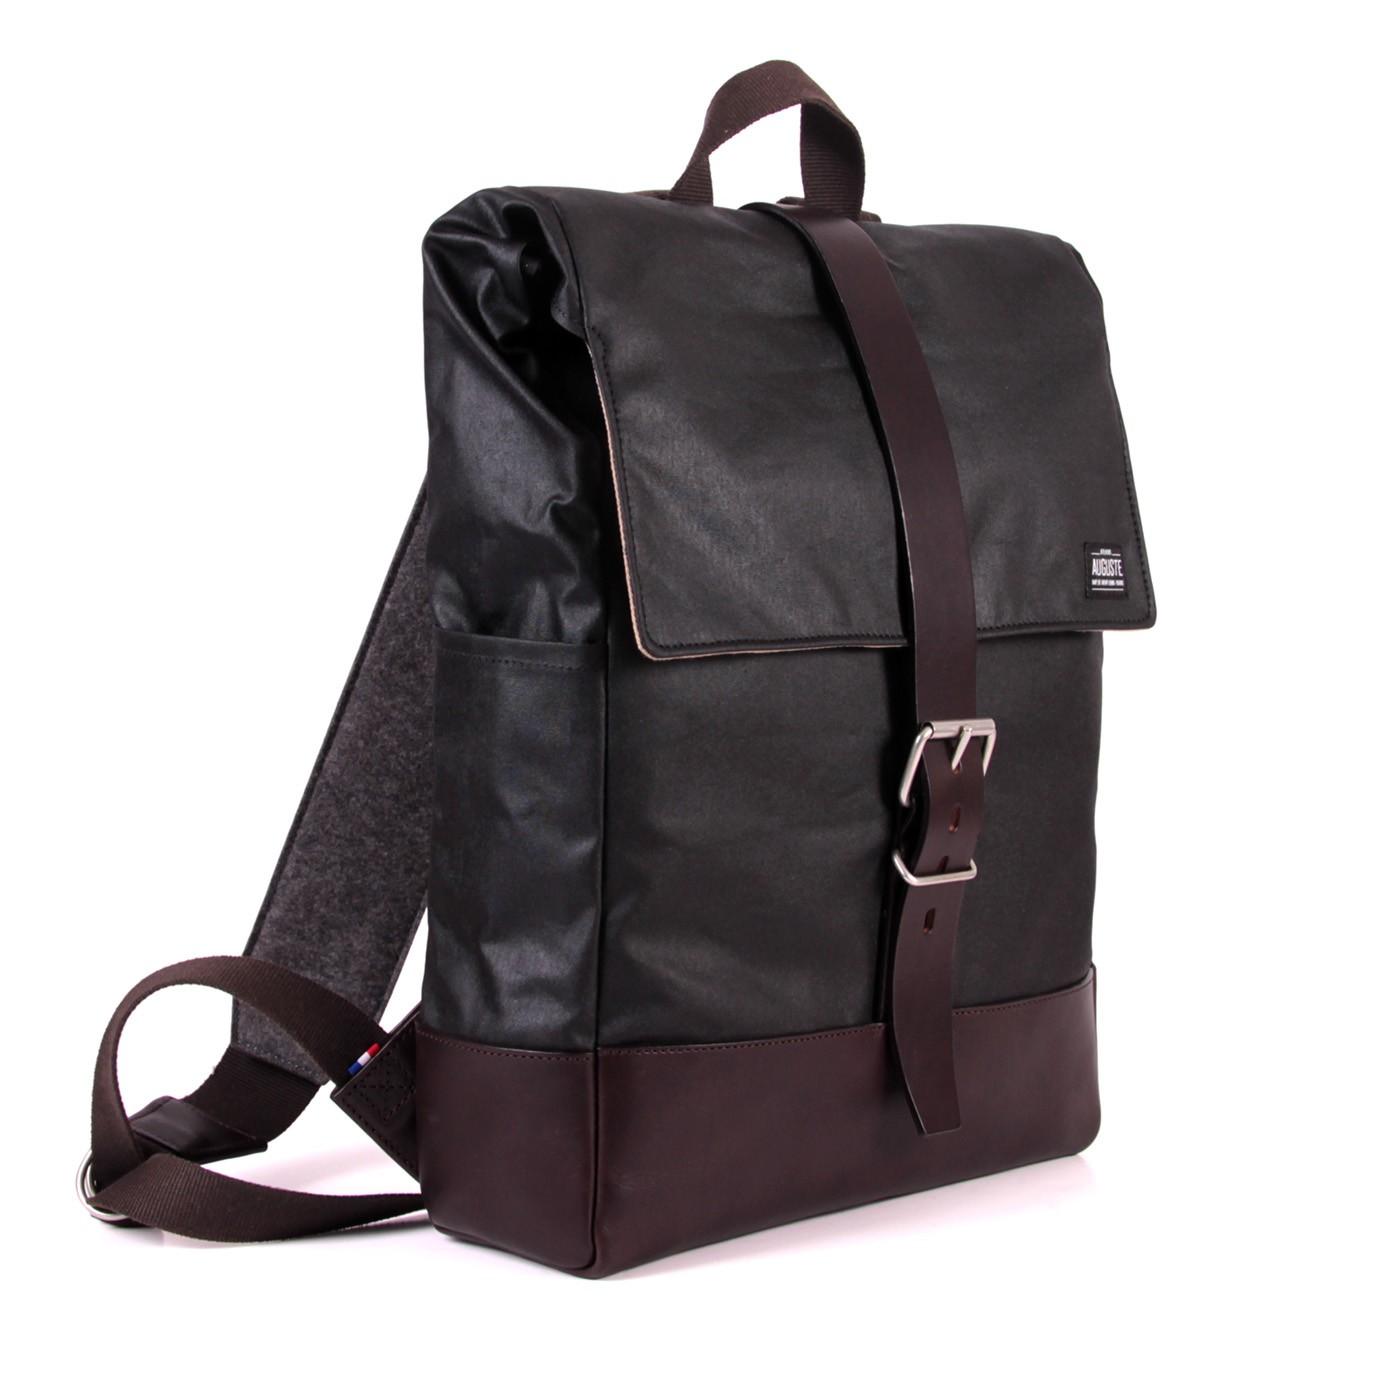 Le sac à dos fabriqué en France – Ateliers Auguste